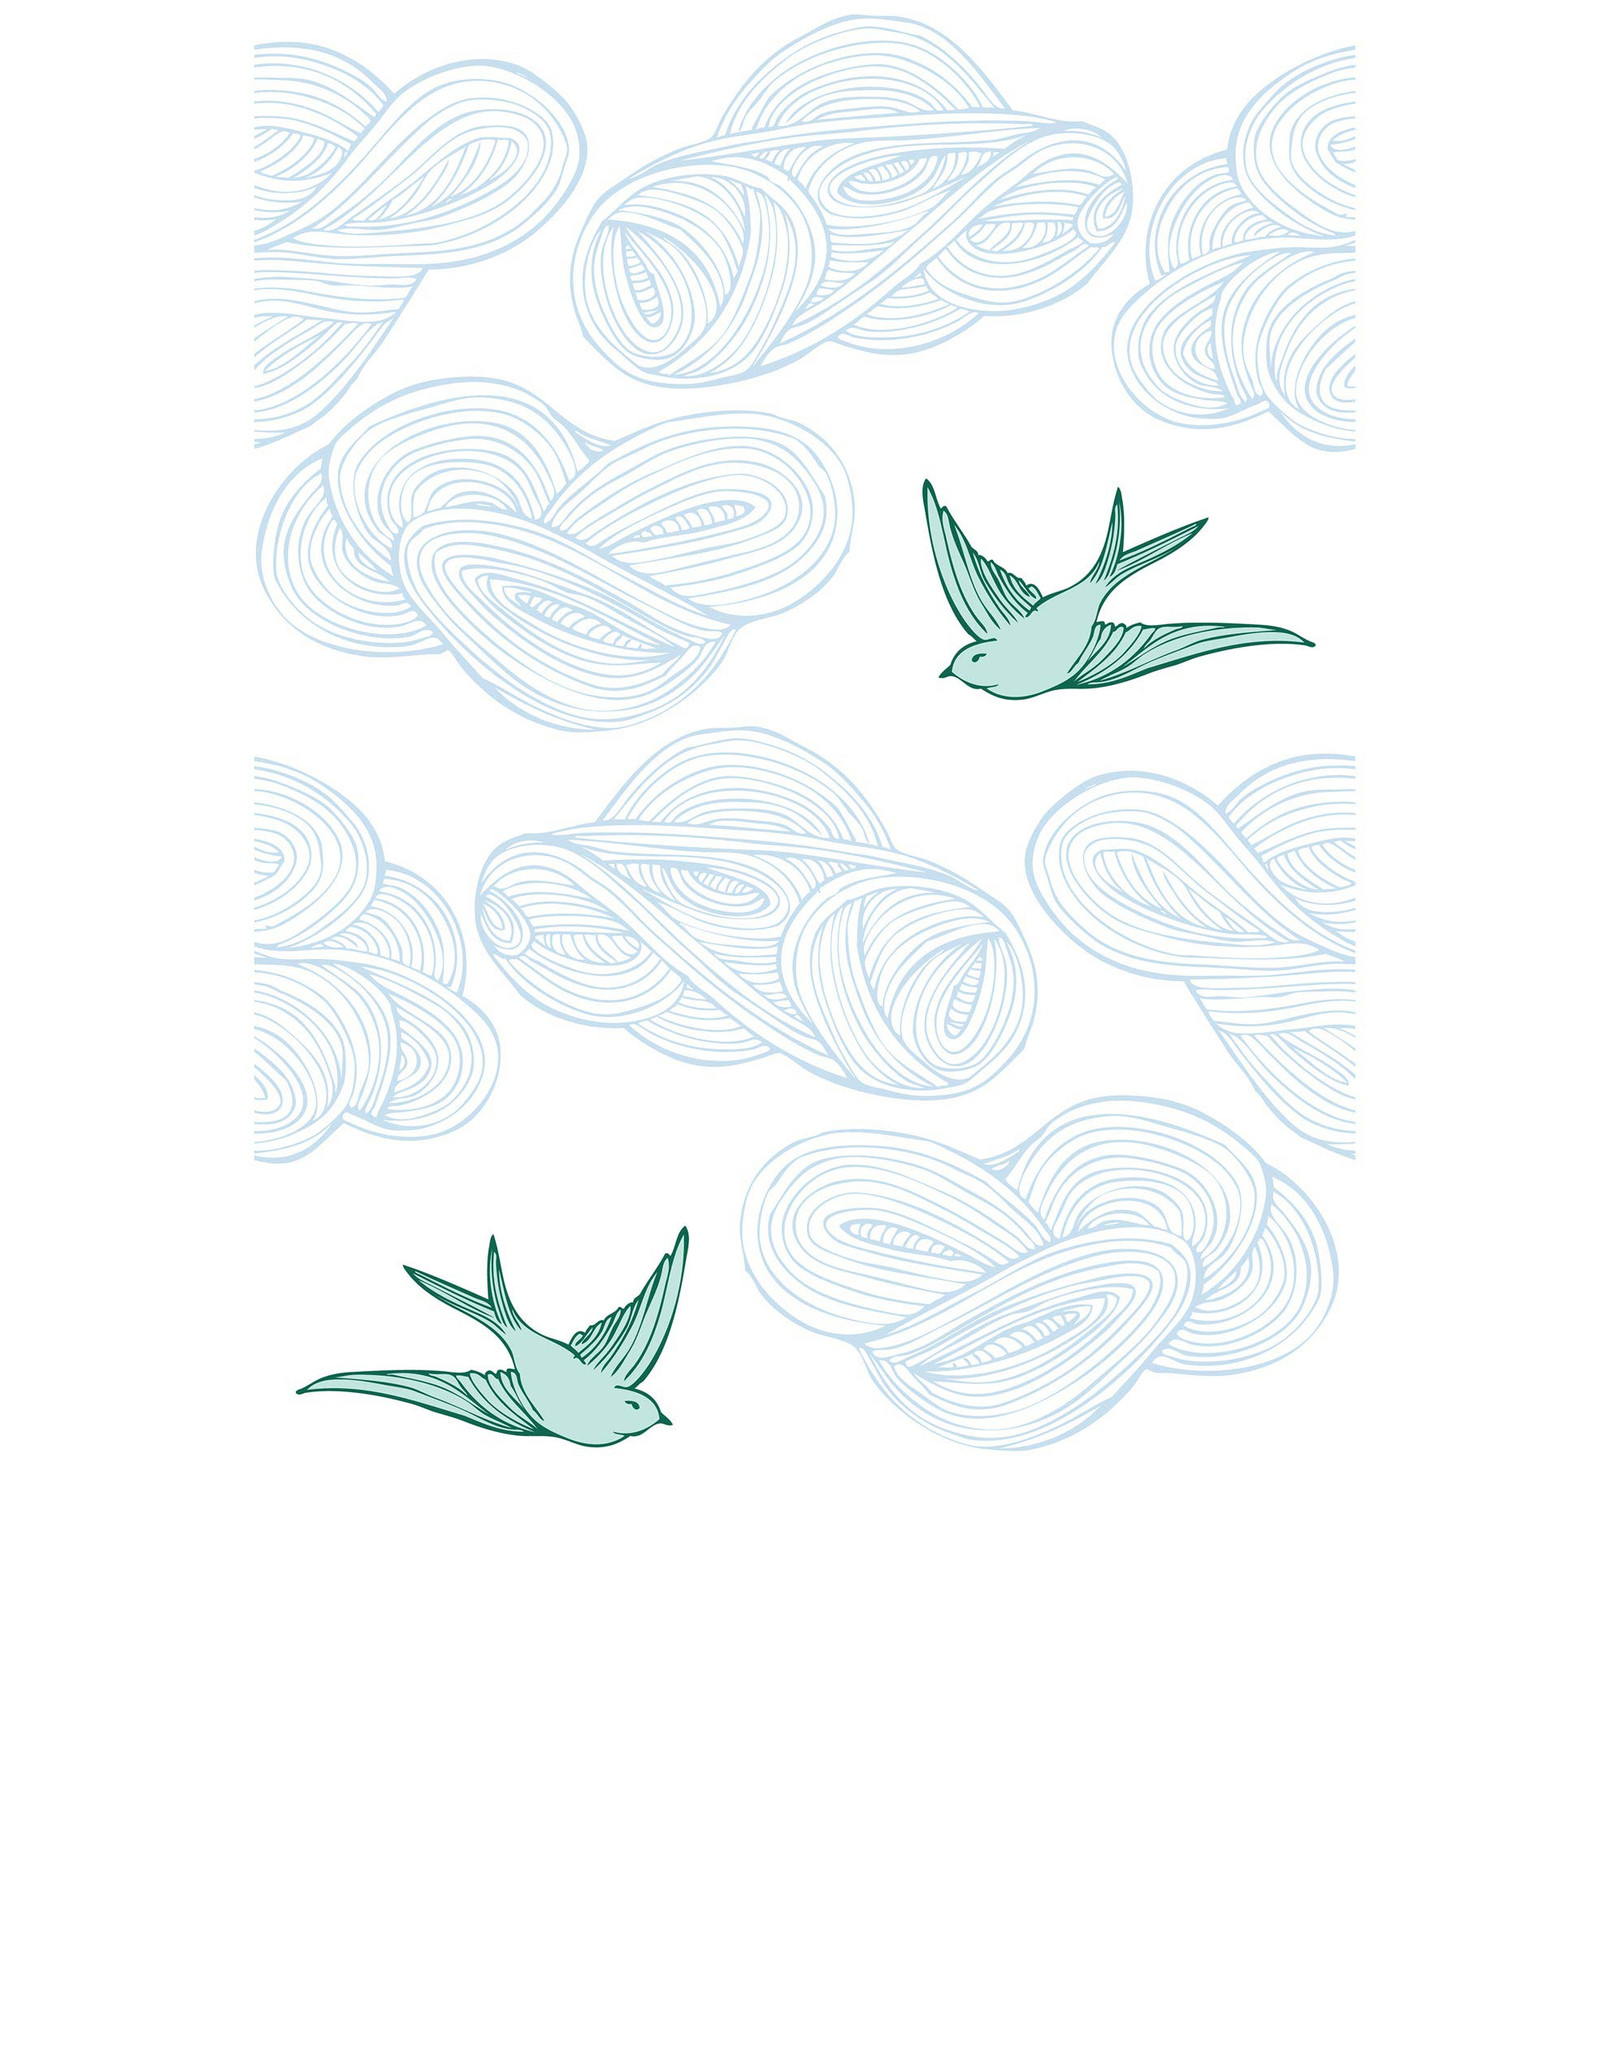 Drawn wallpaper daydream Daydream Daydream West & (Green)